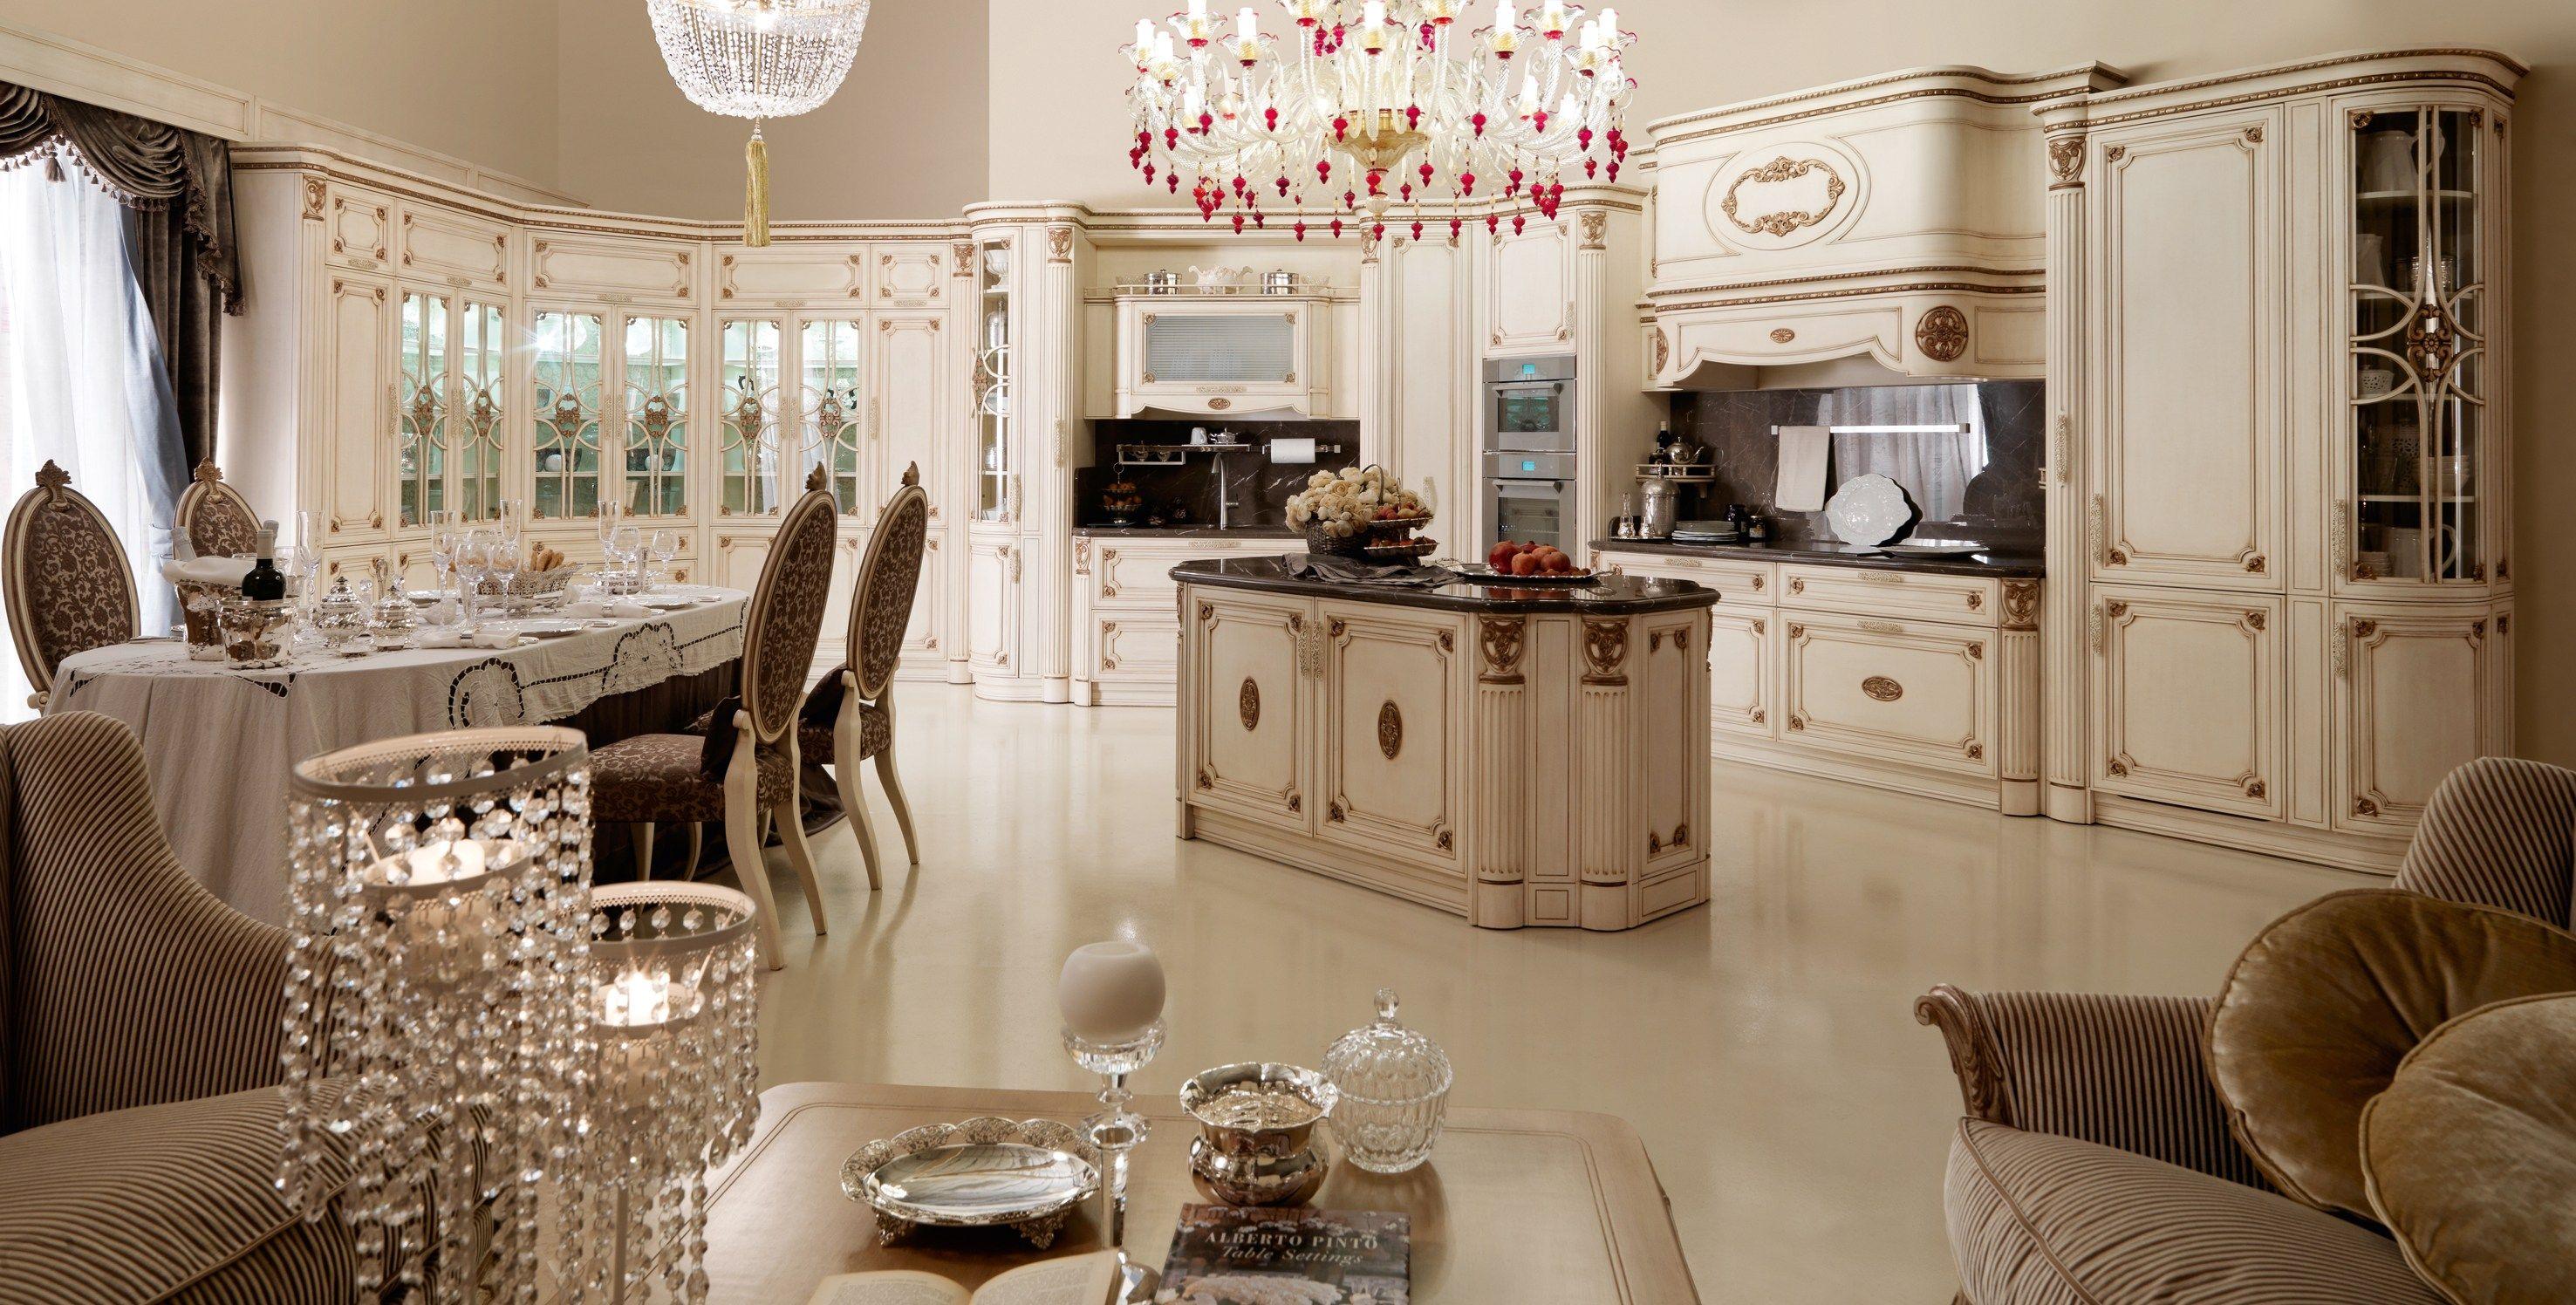 Cucina In Stile Classico Con Isola IMMAGINA By Martini Mobili #A2293B 2953 1496 Stile Classico Cucina